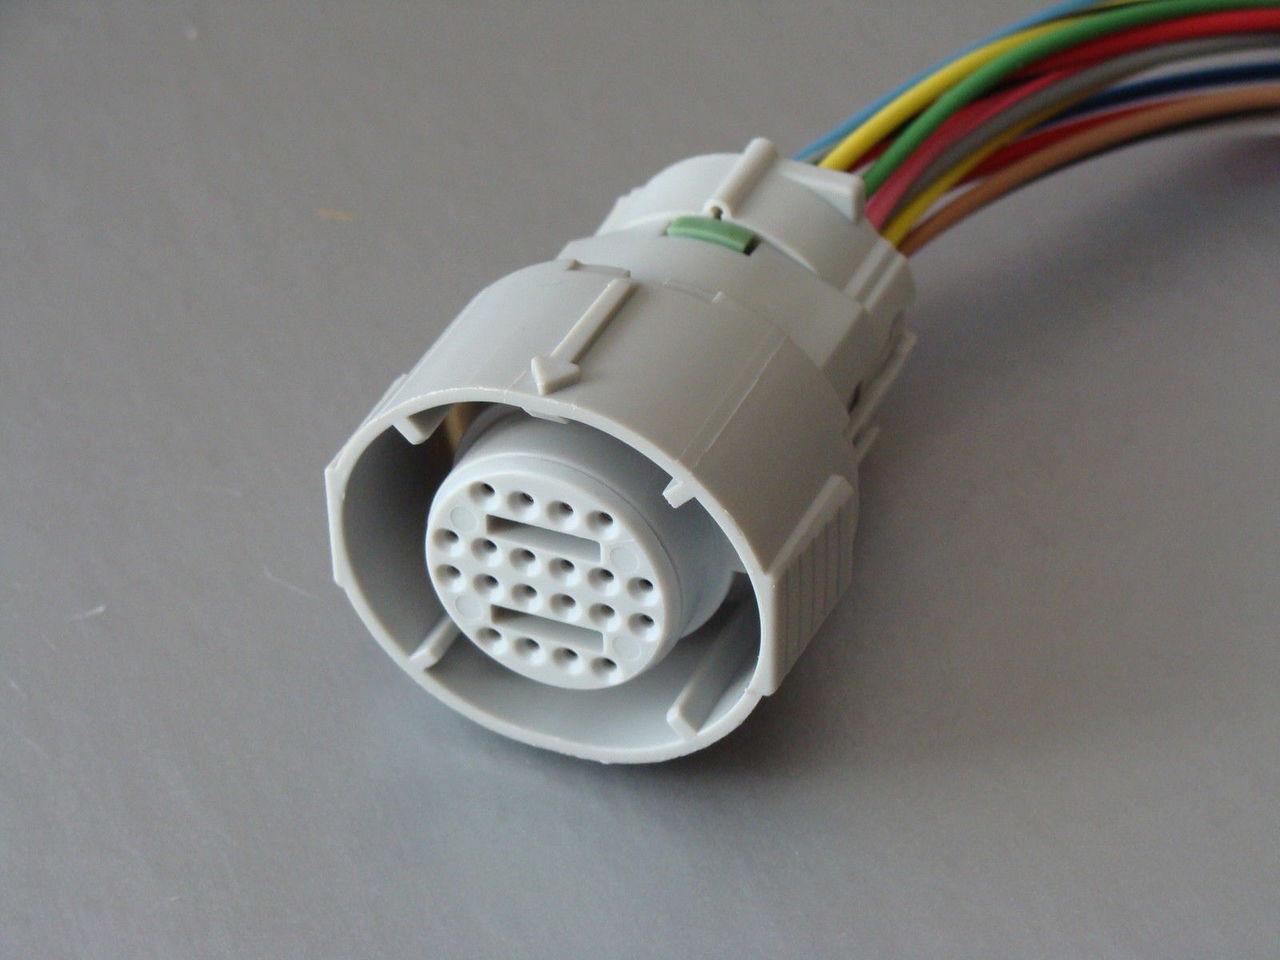 94 02 ls1 lt1 4l60e automatic transmission harness connector hawks lt1 4l60e wiring harness [ 1280 x 960 Pixel ]